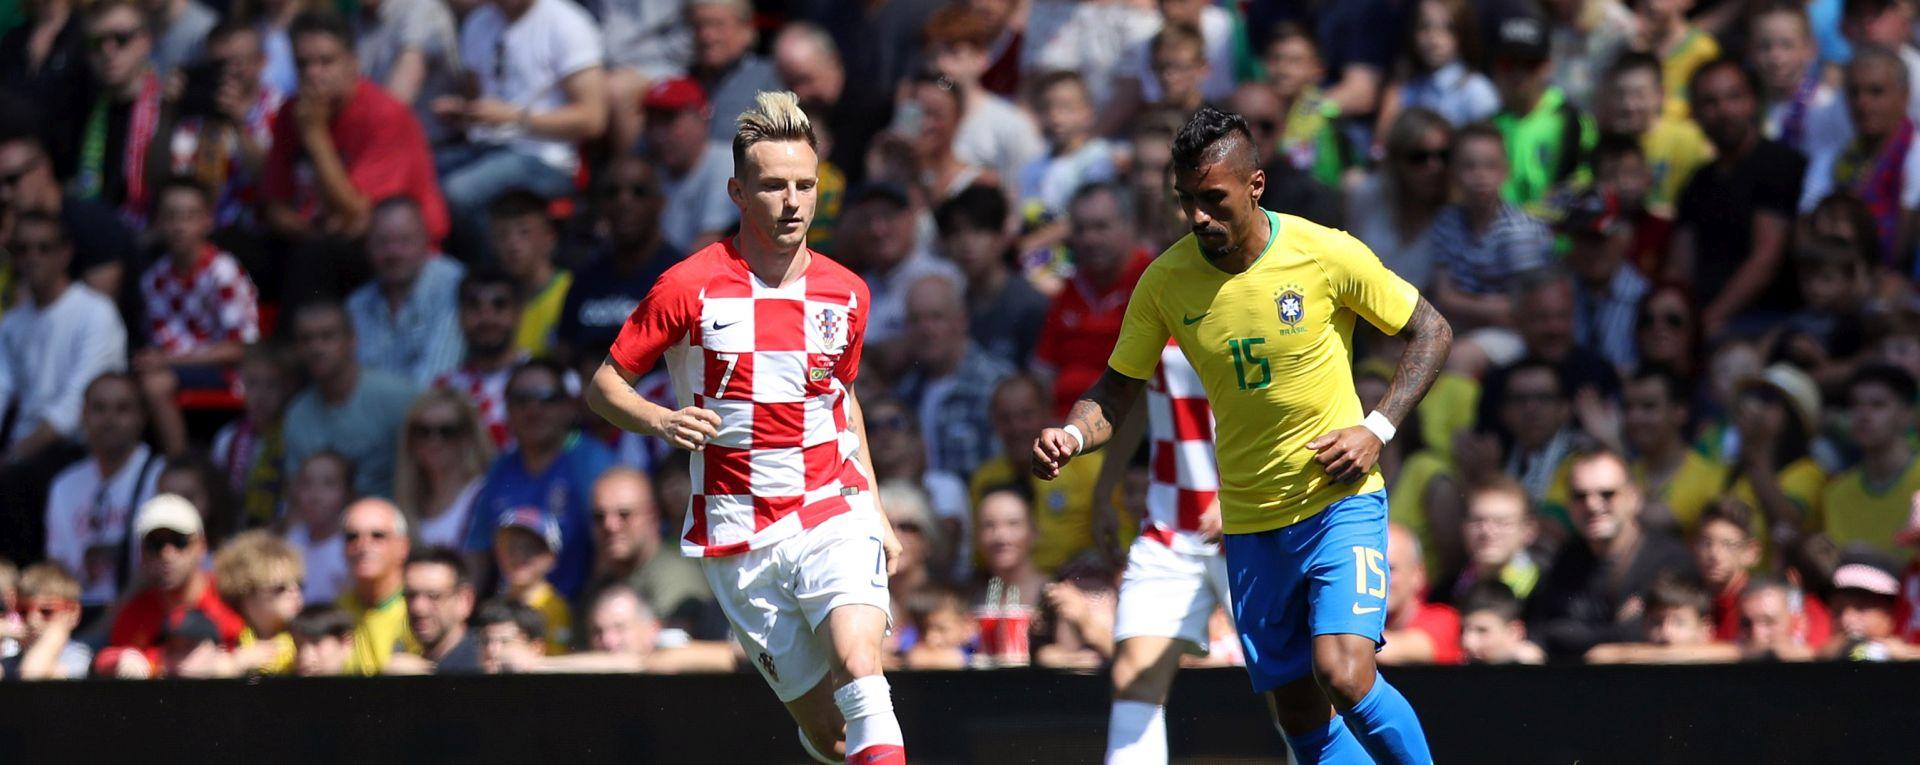 PREDVIĐANJE UMJETNE INTELIGENCIJE U finalu ćemo gledati Hrvatsku i Brazil